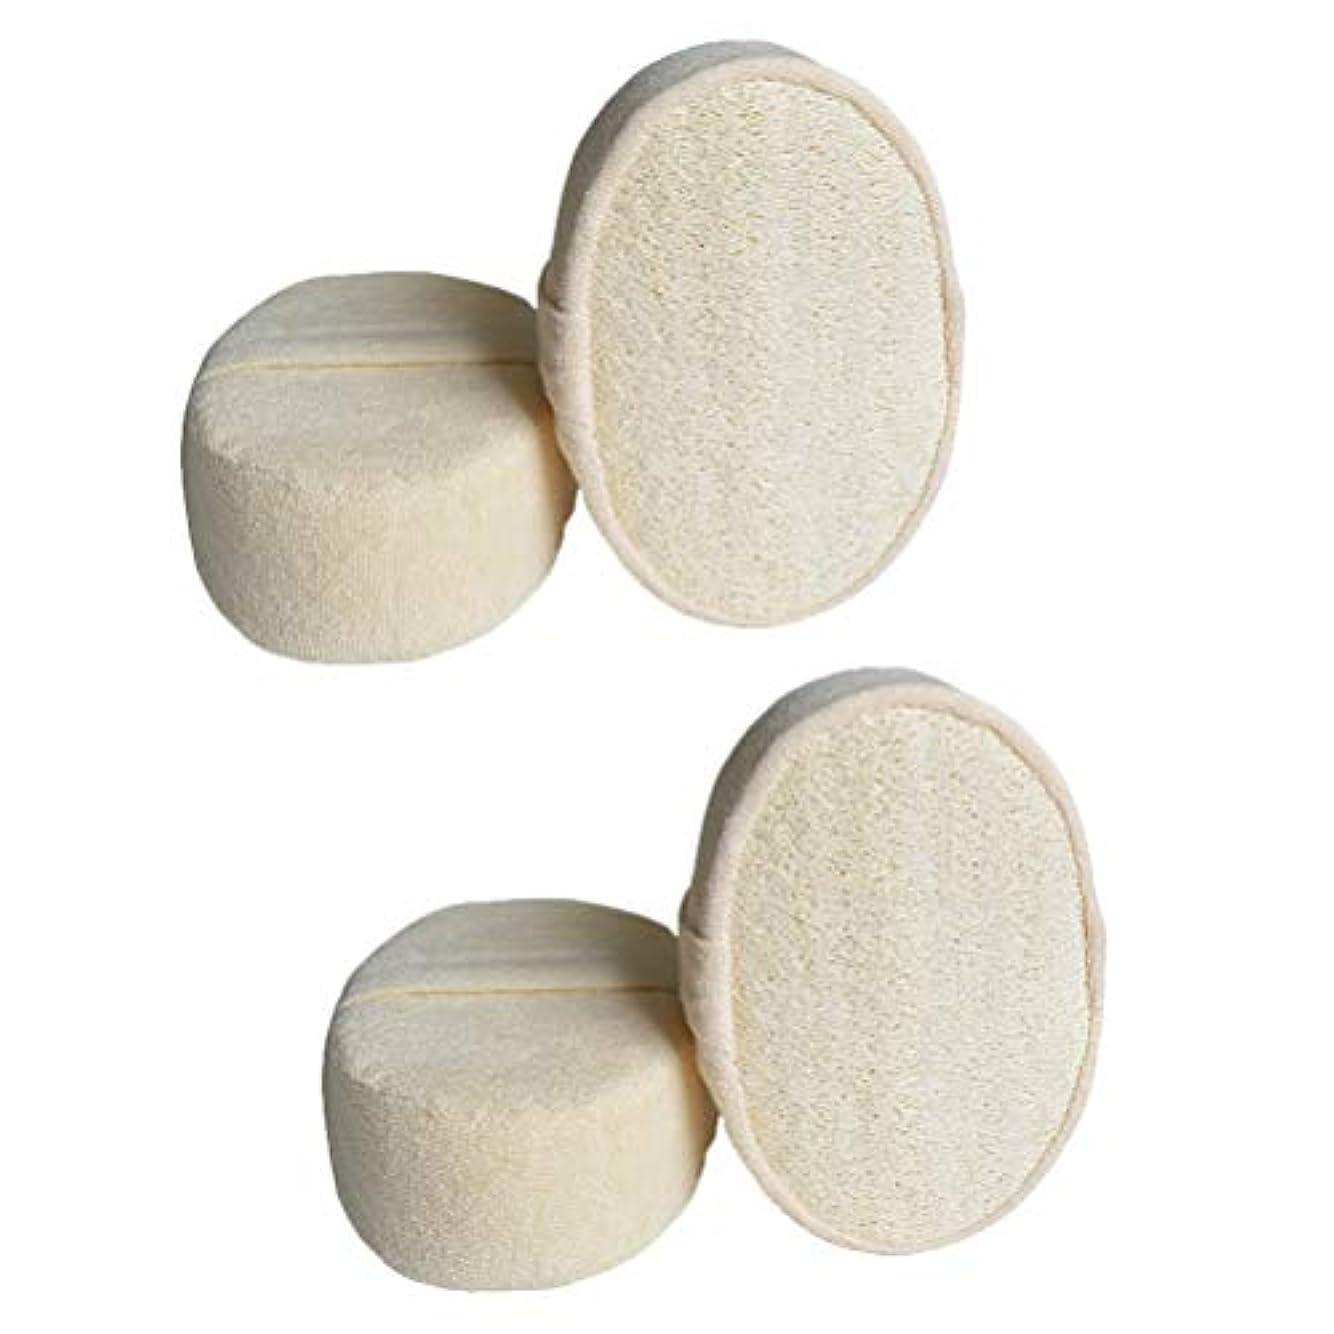 休戦親愛な発生Healifty 4ピース剥離剥離剤パッドloofaスポンジスクラバーブラシ用風呂スパシャワー